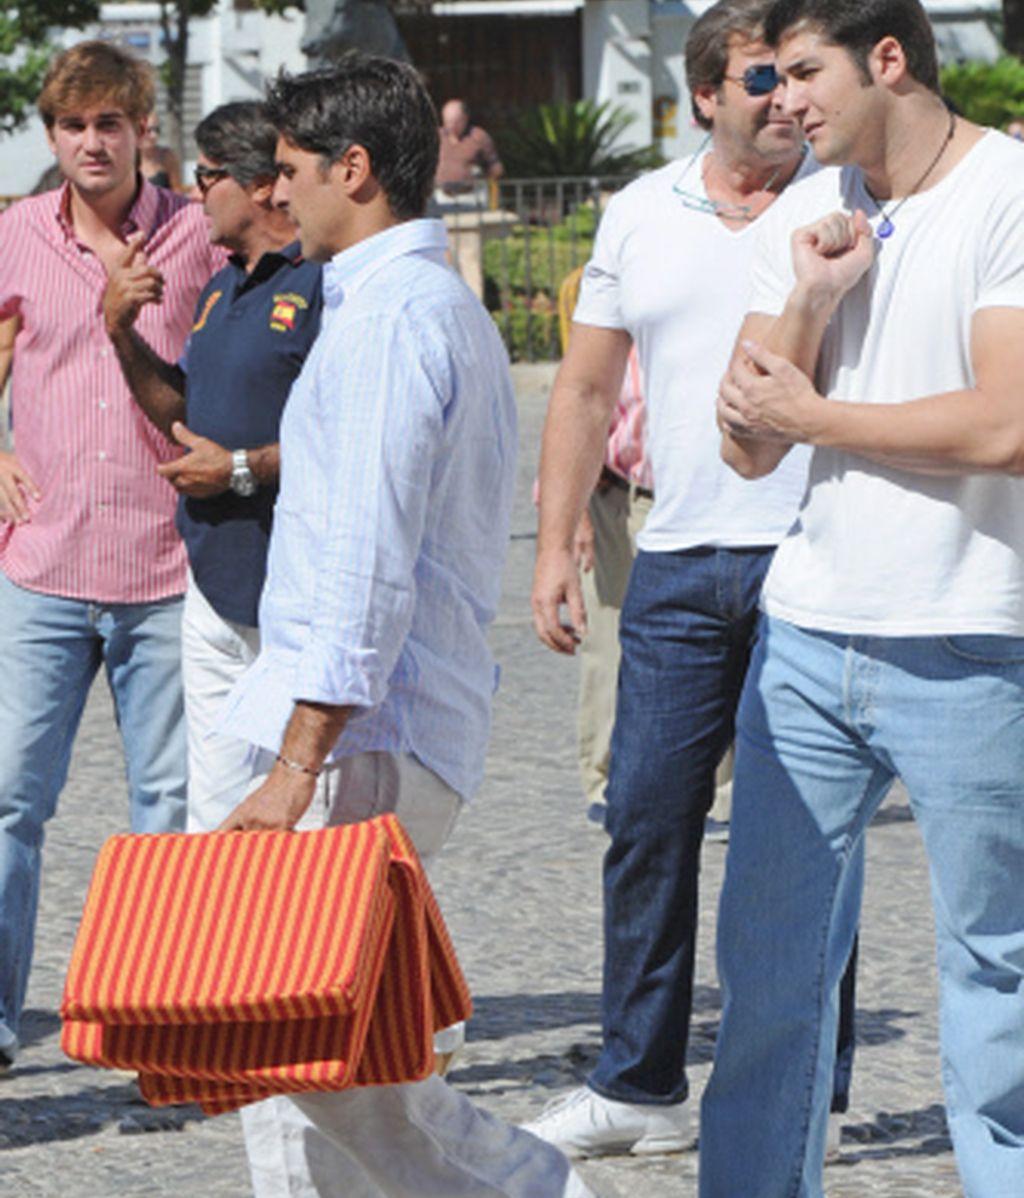 Francisco Rivera acompañado por los Julián Contreras 'Junior' y Julián Contreras 'Senior'